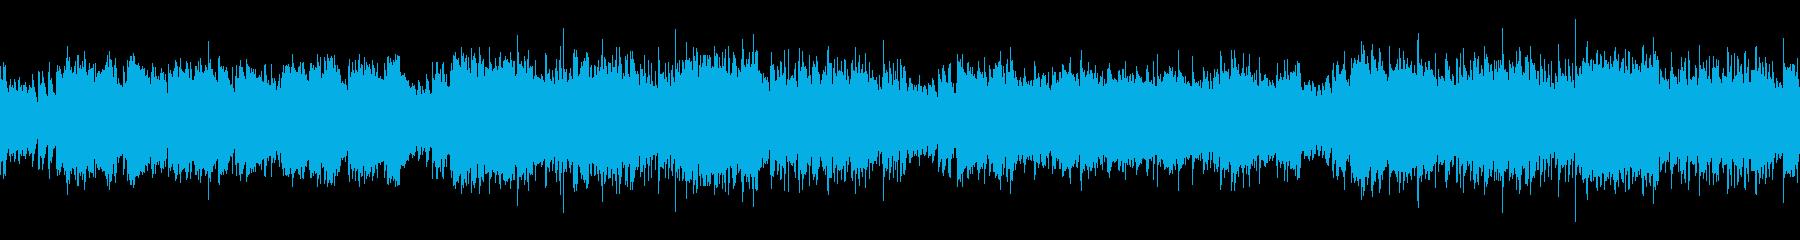 ループ・アニメ・かっこいいフラメンコの再生済みの波形